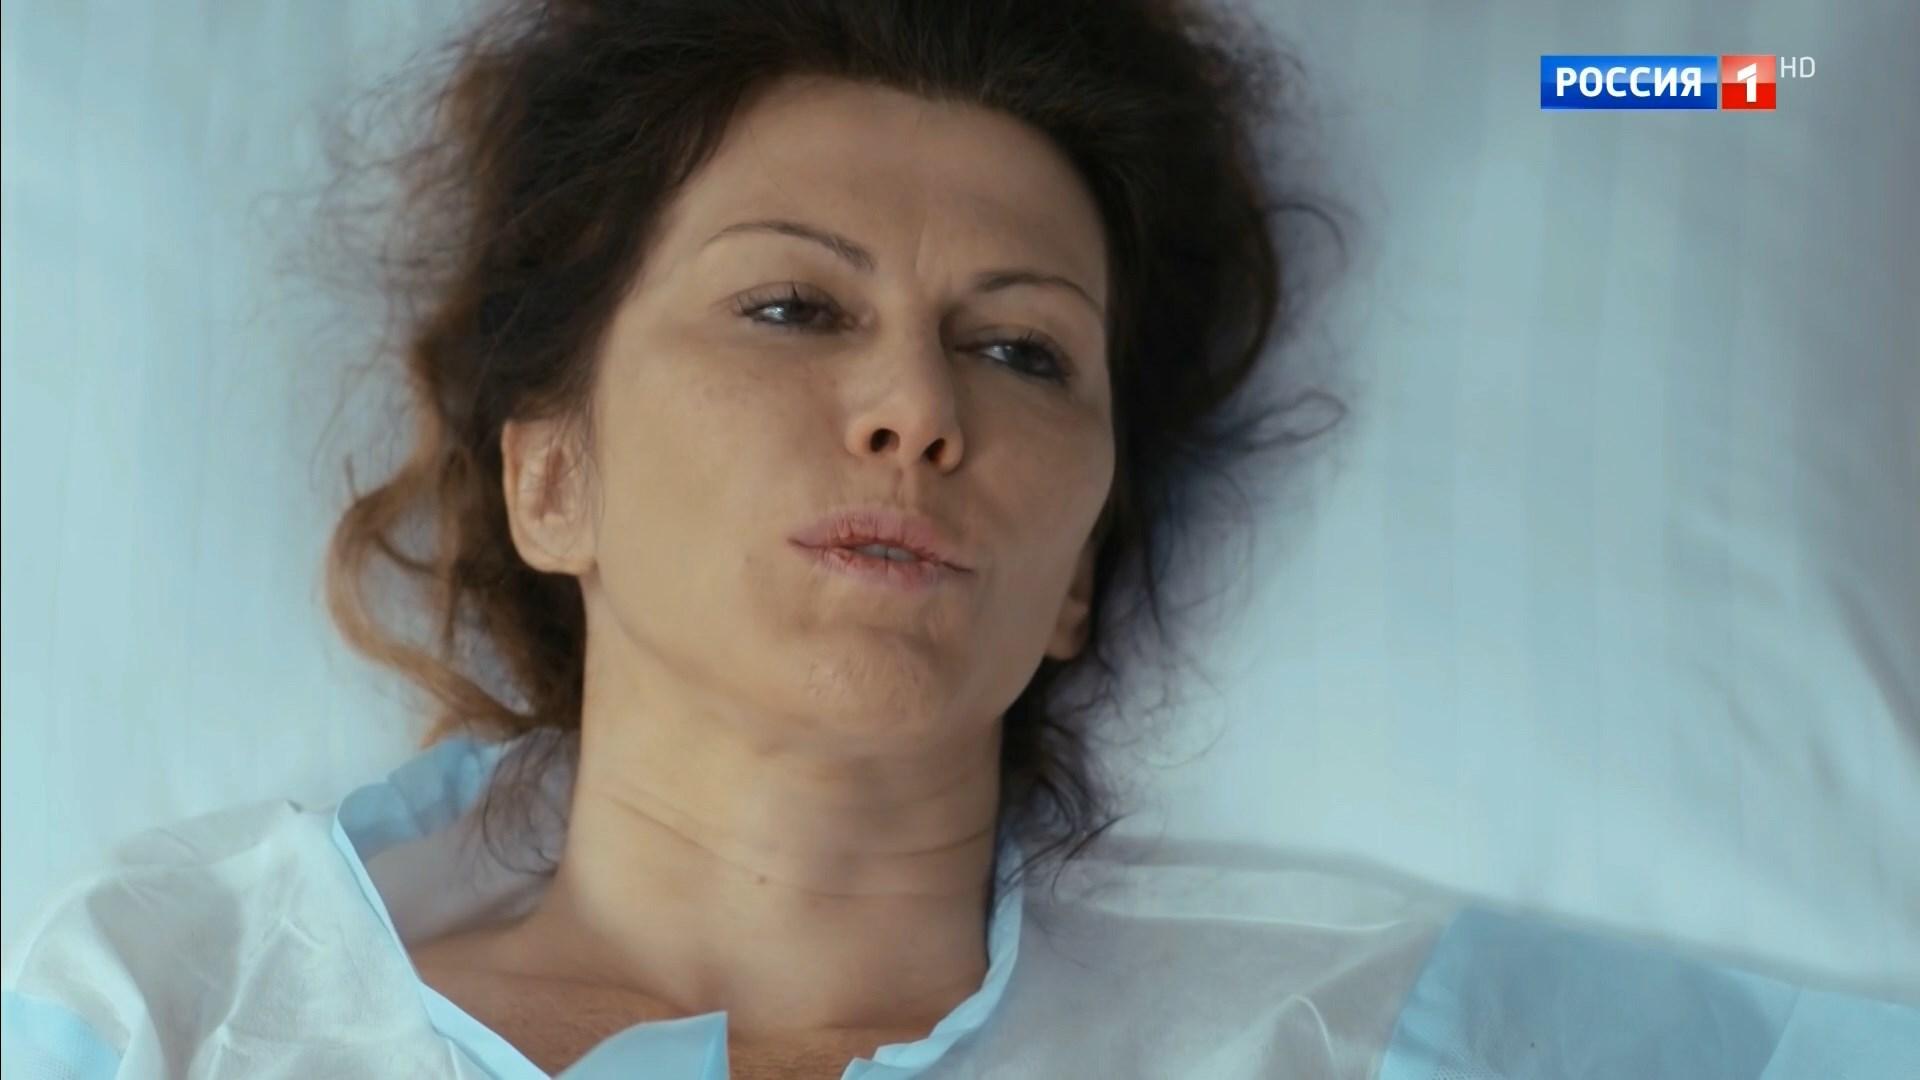 Изображение для Плата за спасение (Боль чужой потери) / Серии 1-4 из 4 (2018) HDTV 1080p (кликните для просмотра полного изображения)